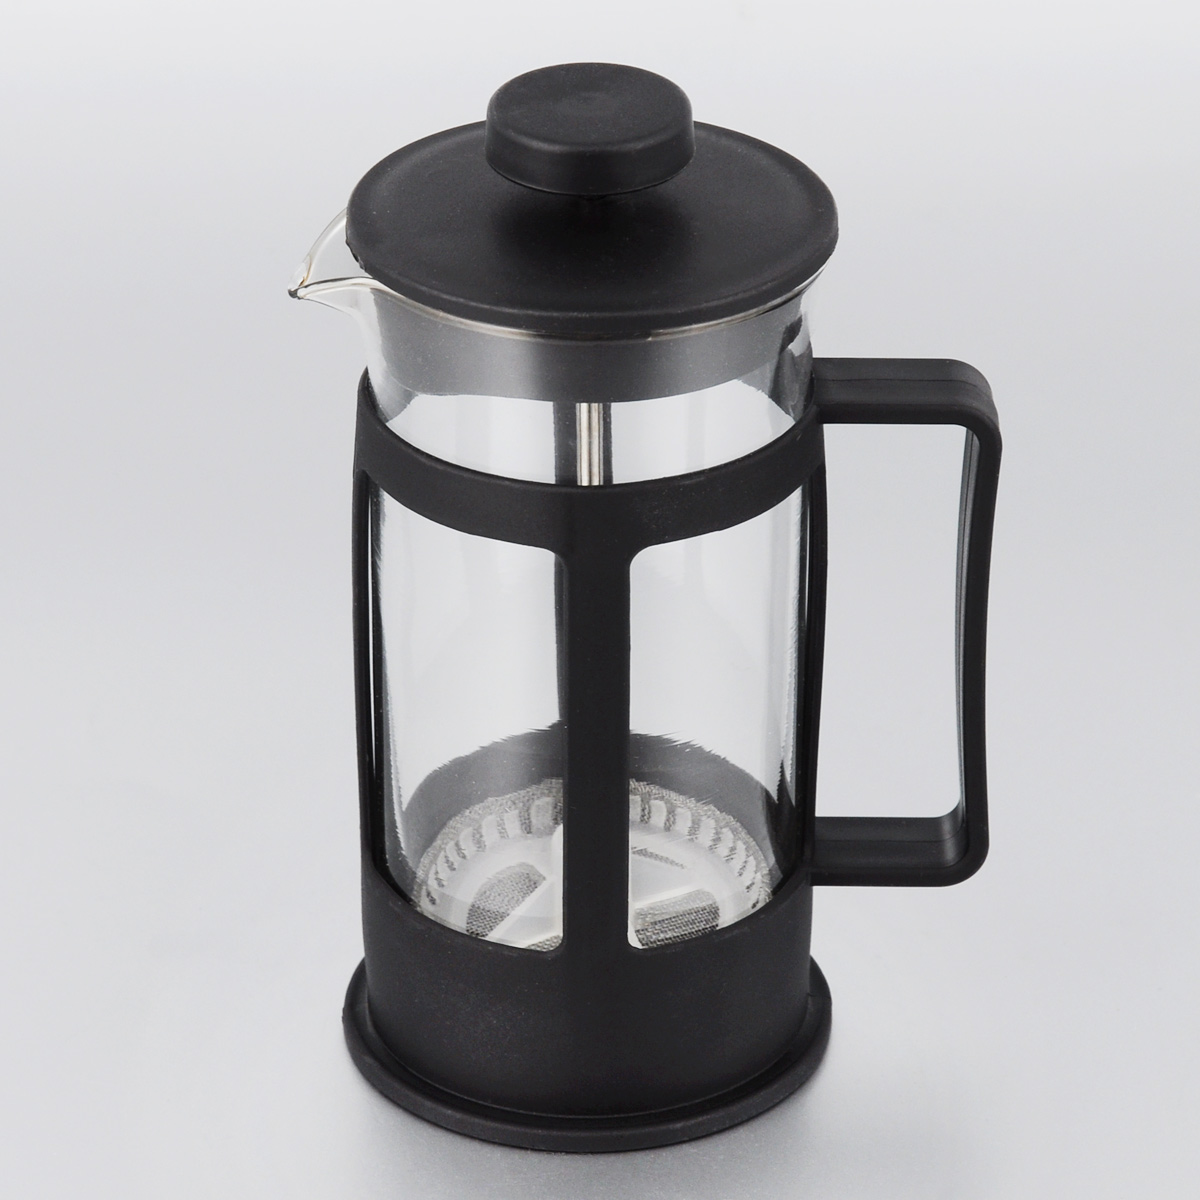 Френч-пресс МФК-профит, цвет: черный, 300 мл391602Френч-пресс МФК-профит поможет приготовить вкусный и ароматный чай или кофе. Корпус выполнен из высококачественного термостойкого пластика, а колба - из жаропрочного боросиликатного стекла. Чайник снабжен фильтром из метала с пластиковым элементом и удобной ручкой. Не рекомендуется использовать в посудомоечной машине и в микроволновой печи. Диаметр (по верхнему краю): 7 см. Высота чайника (без учета крышки): 14 см.